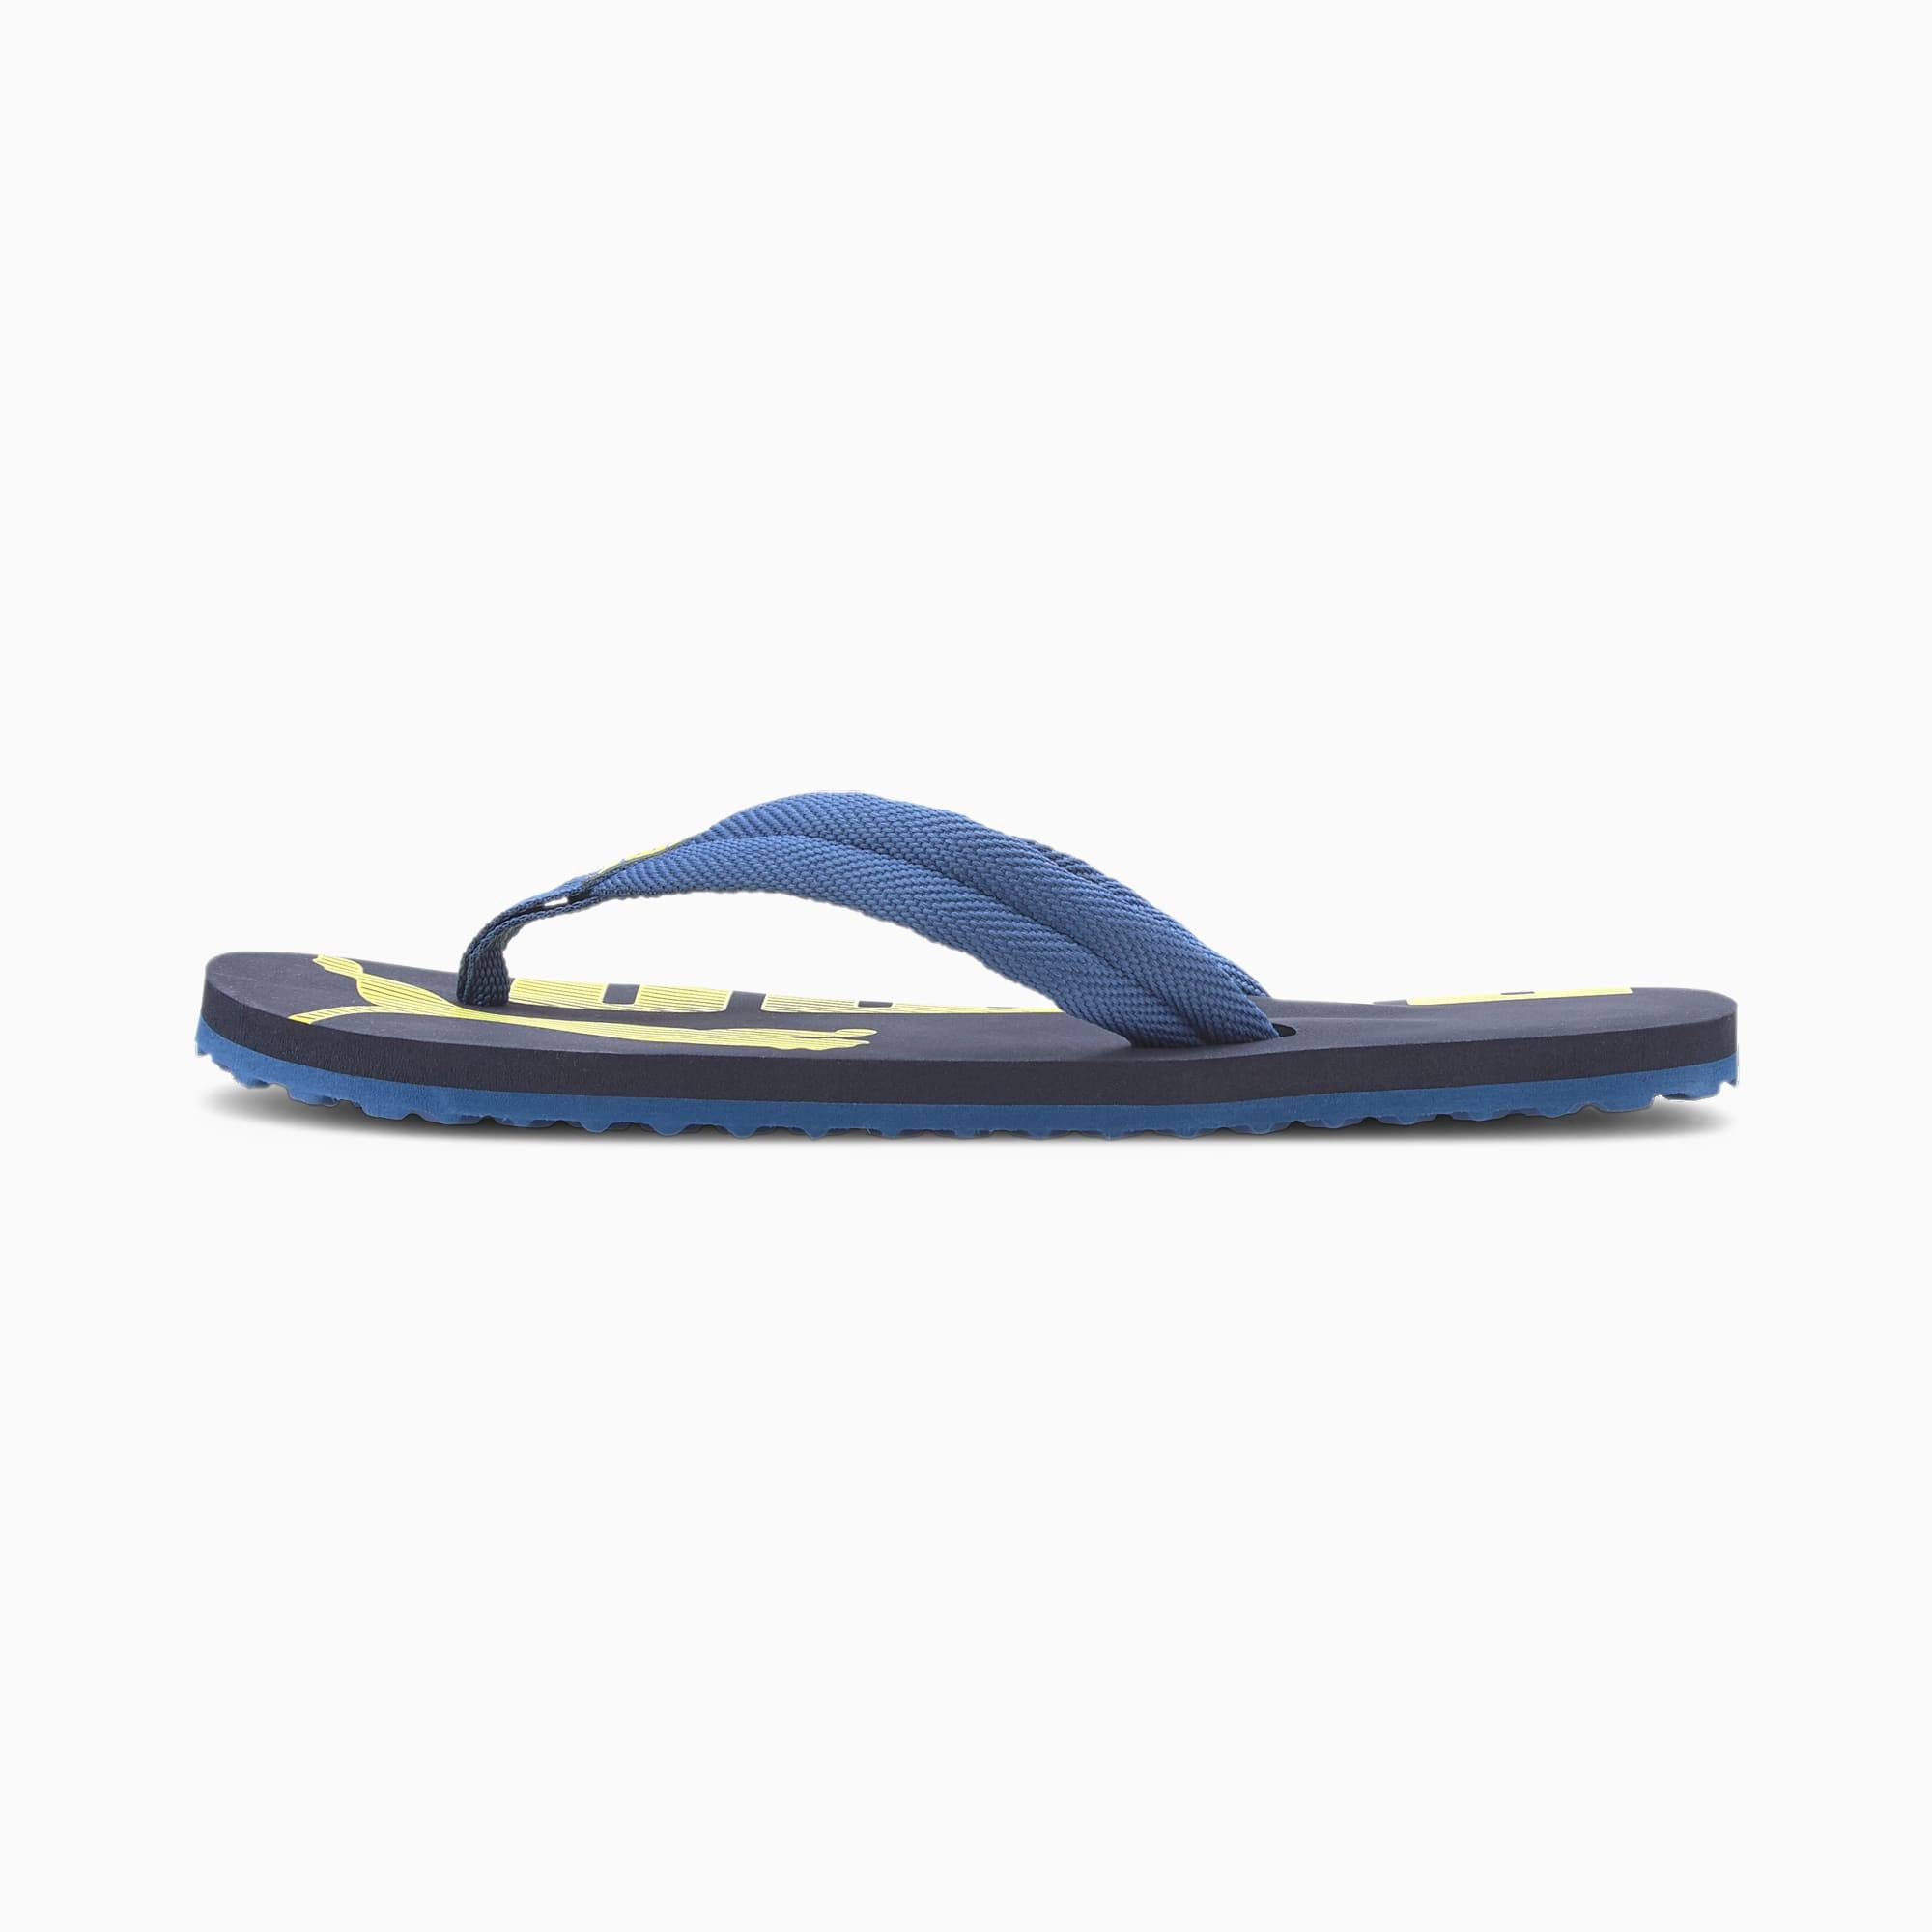 PUMA Tong Epic Flip v2 pour enfant, Bleu, Taille 37, Chaussures